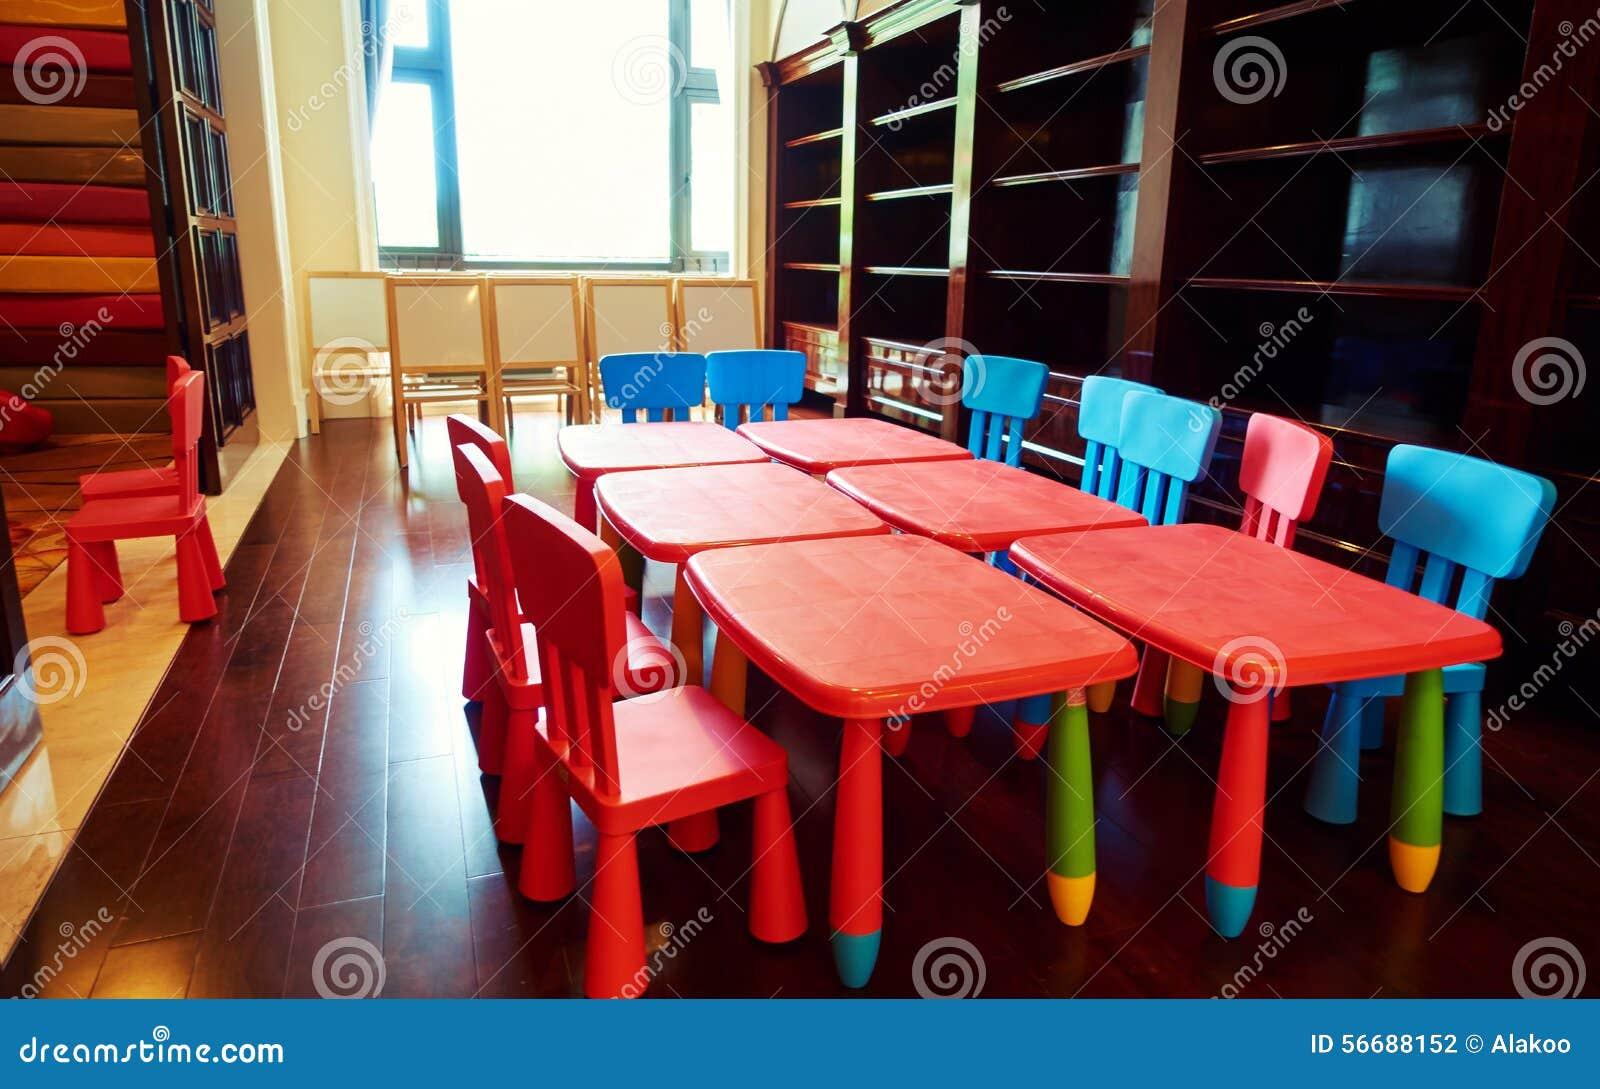 Kindergarten Classroom Stock Photo Image Of Indoors